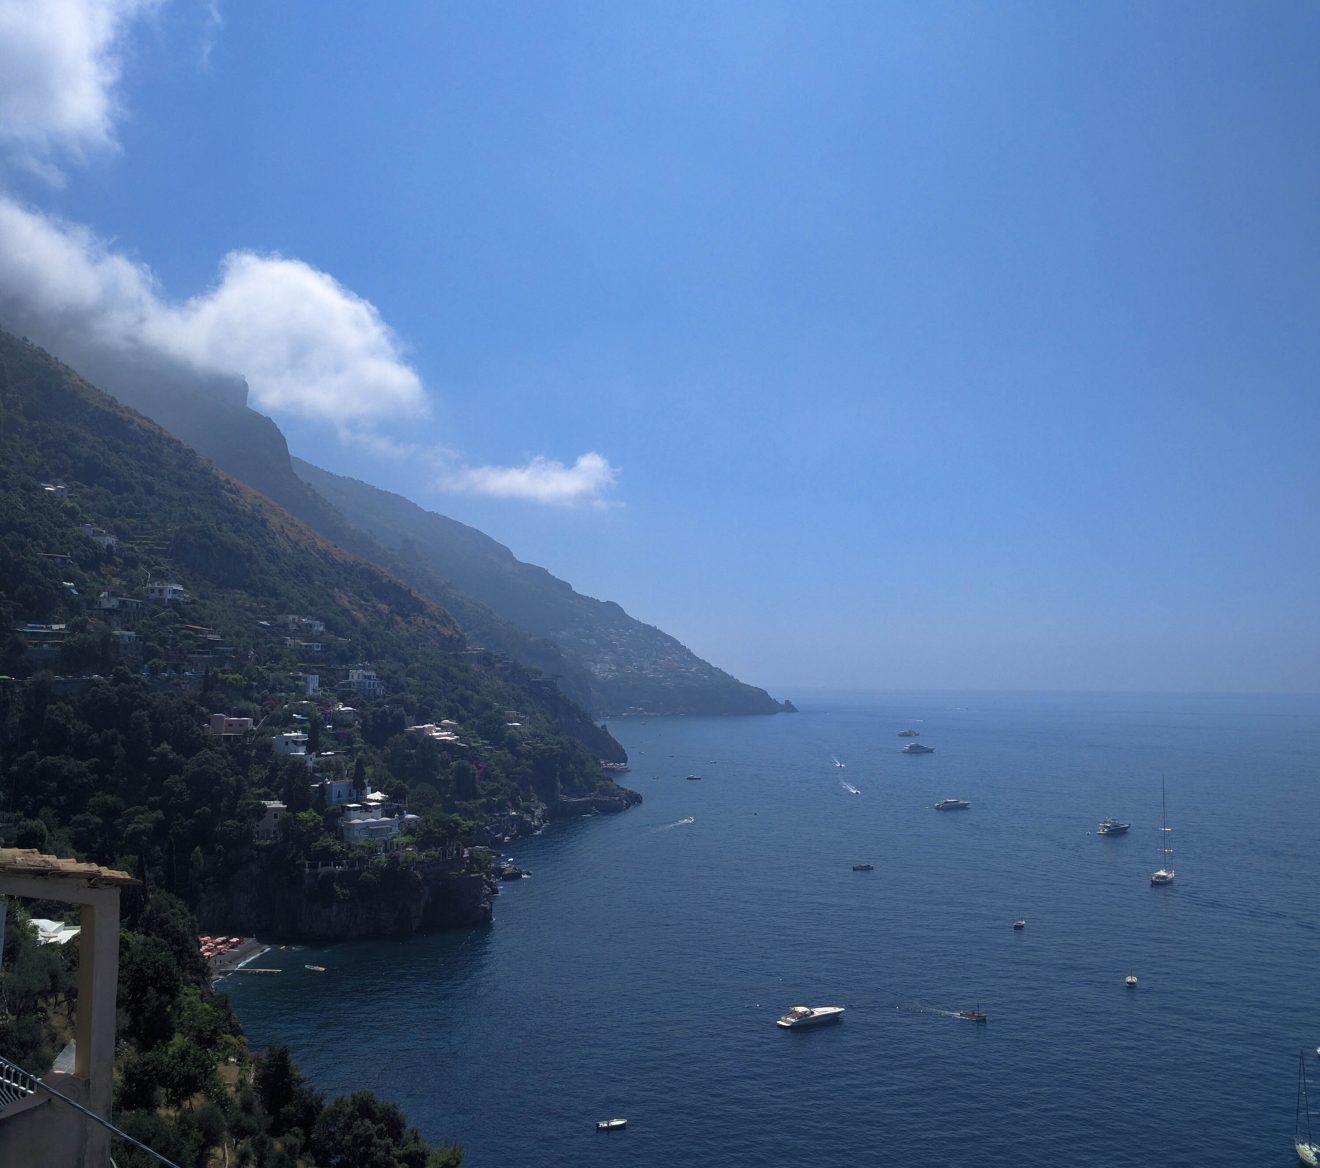 Vue de la côte amalfitaine depuis Positano